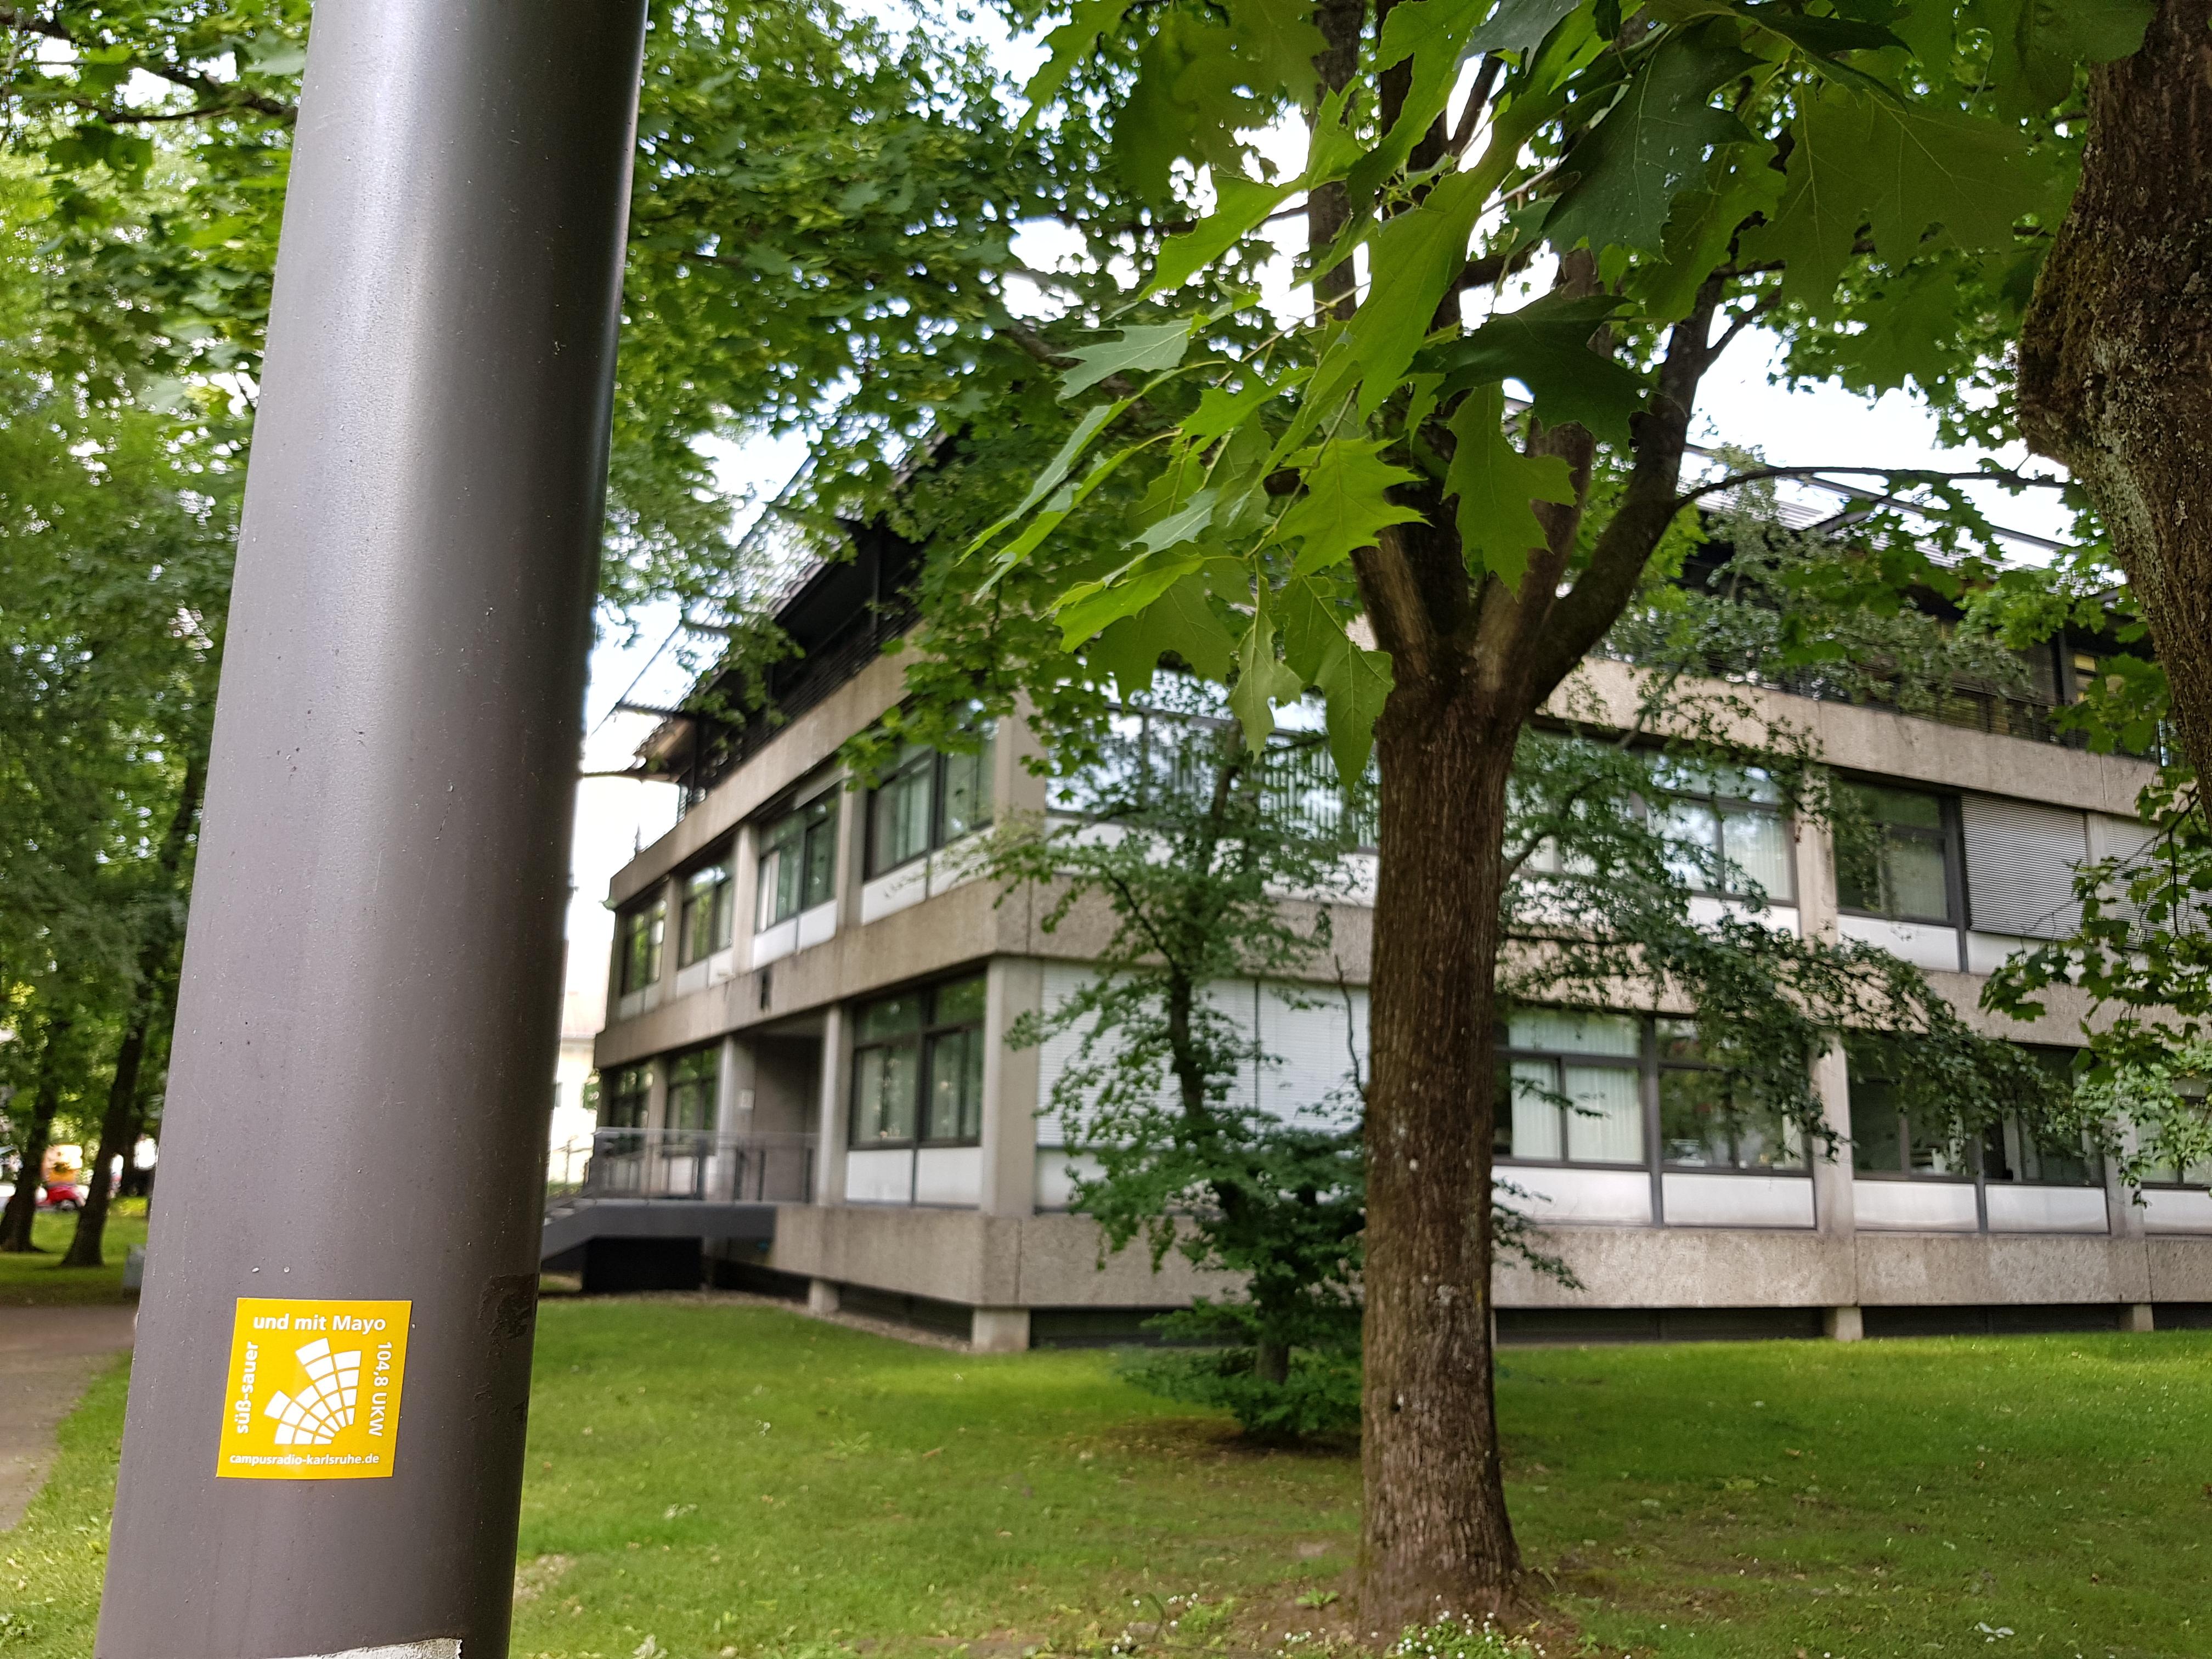 Laternenmast vor Hochschulgebäude mit Campusradio-Sticker